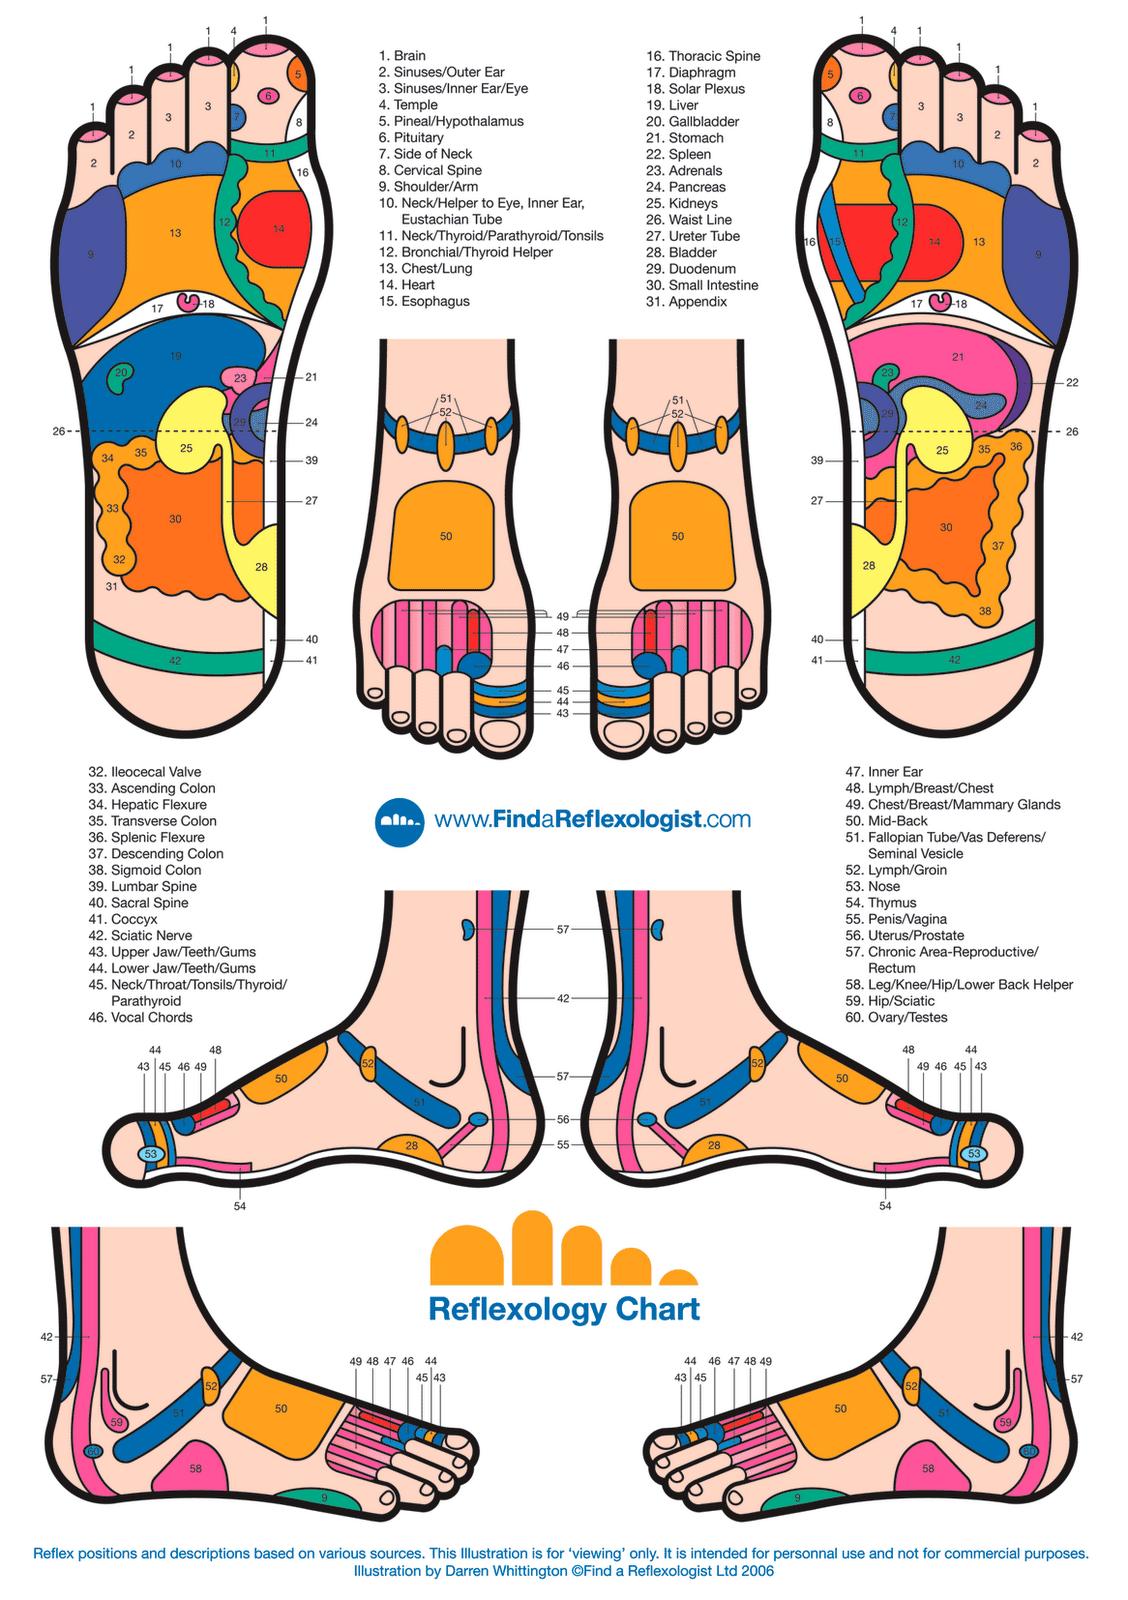 kumpulan gambar titik rekleksi kaki dan tangan mazmuiz kesehatan pria refleksiologi kesehatan alternatif kumpulan gambar titik rekleksi kaki dan